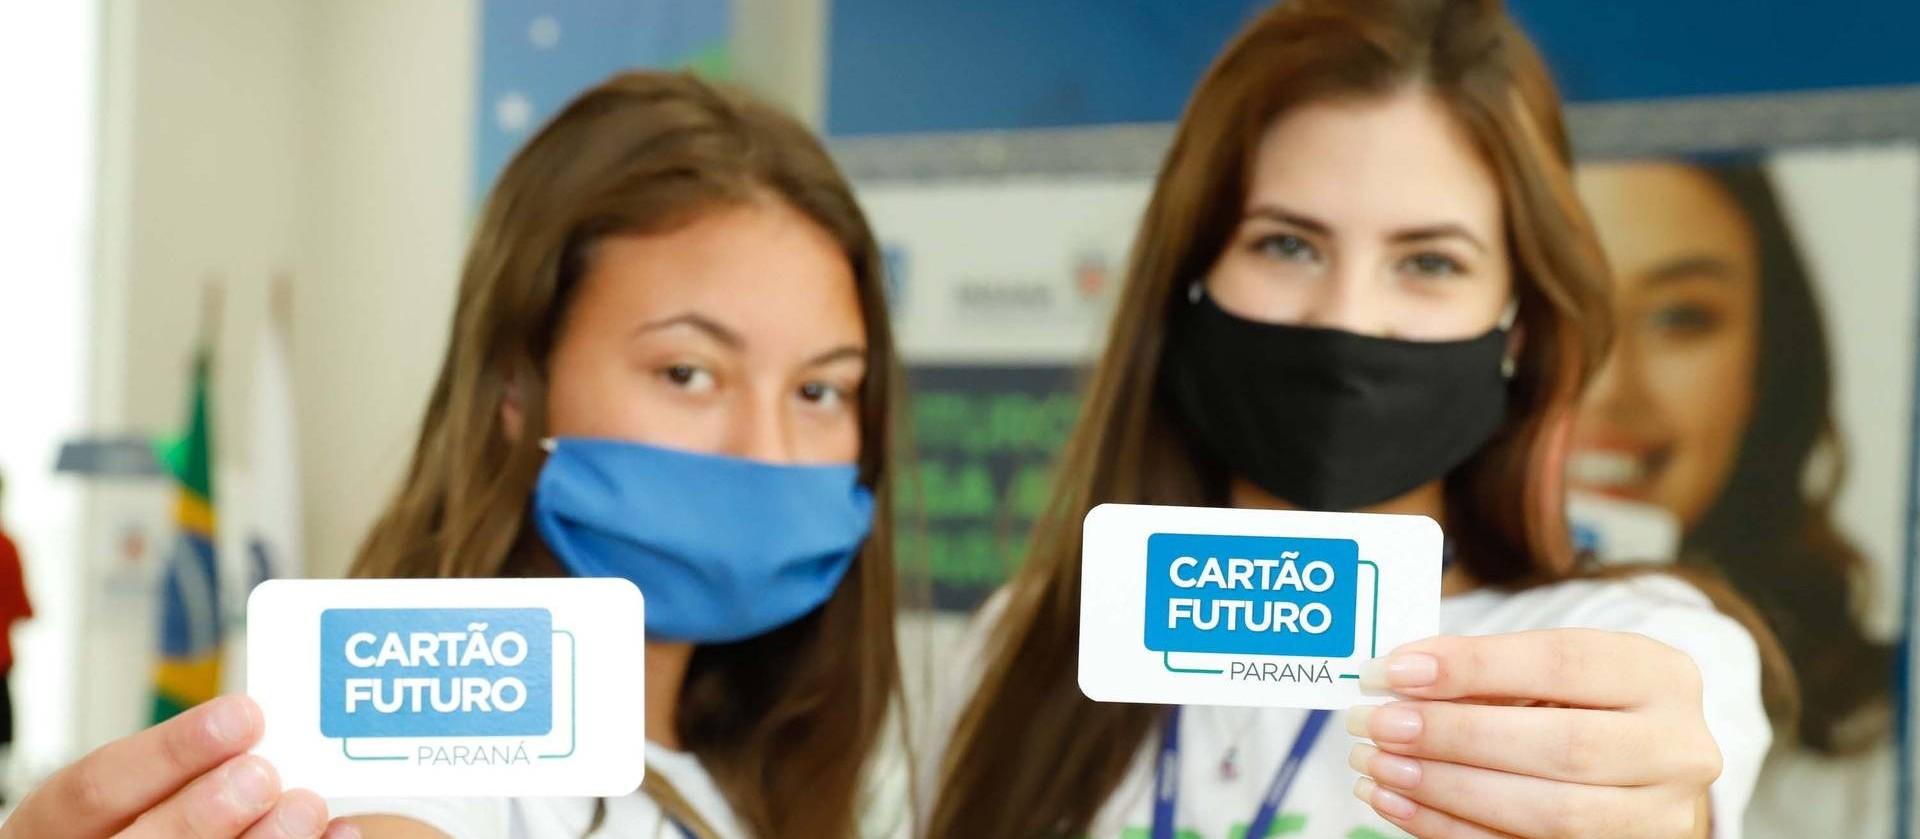 Cartão Futuro abre novas oportunidades para jovens aprendizes